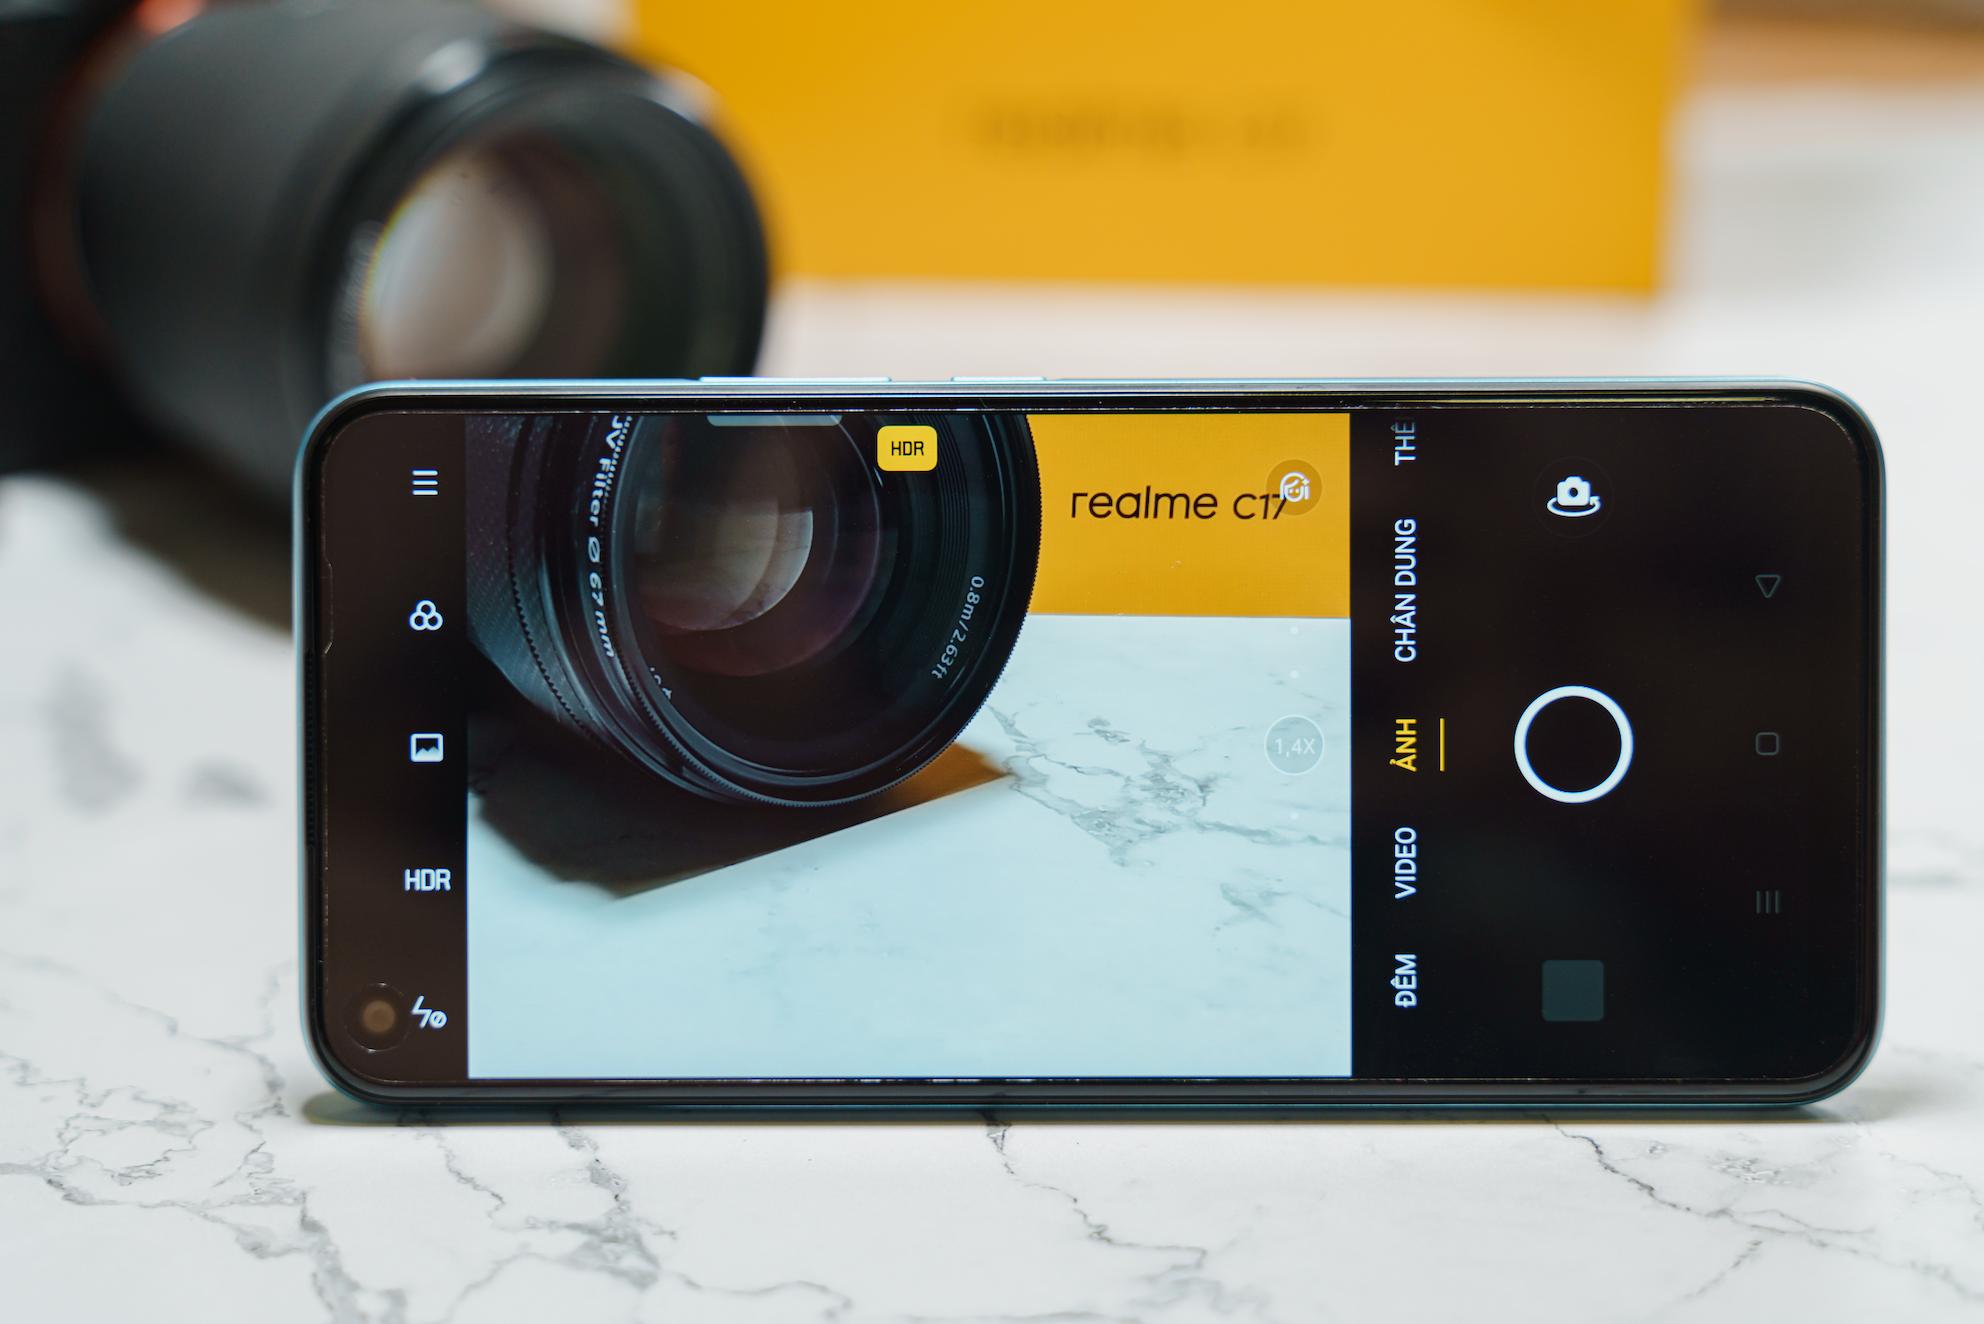 بازار دسامبر تلفن ها و ساعت ها گرمی Realme را اضافه کرد - عکس 3.